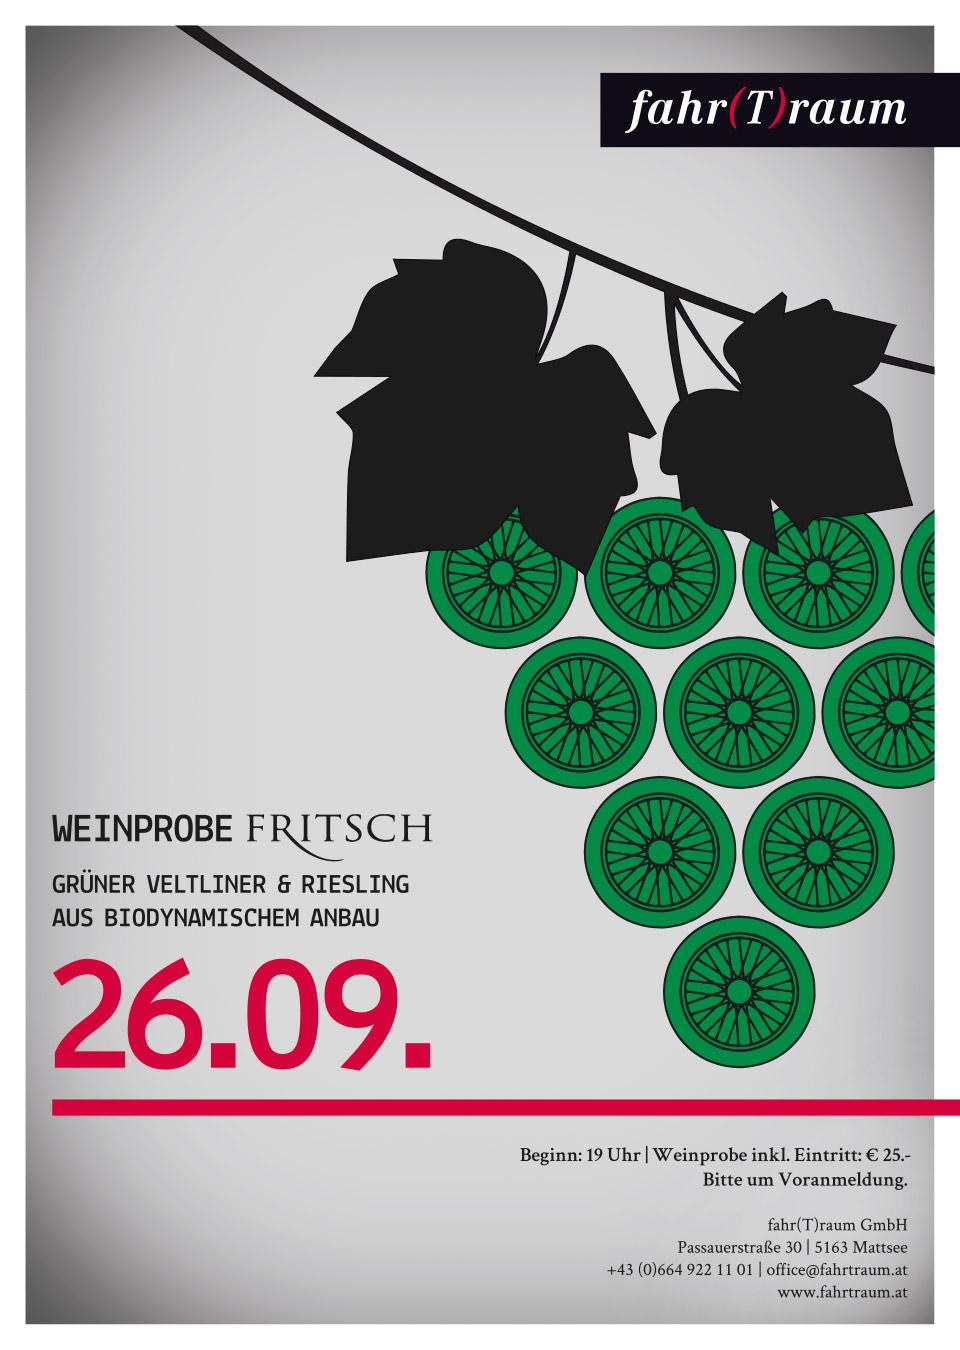 nachhaltiges grafik design salzburg 1410 fahrTraum Plakat weinverkostung